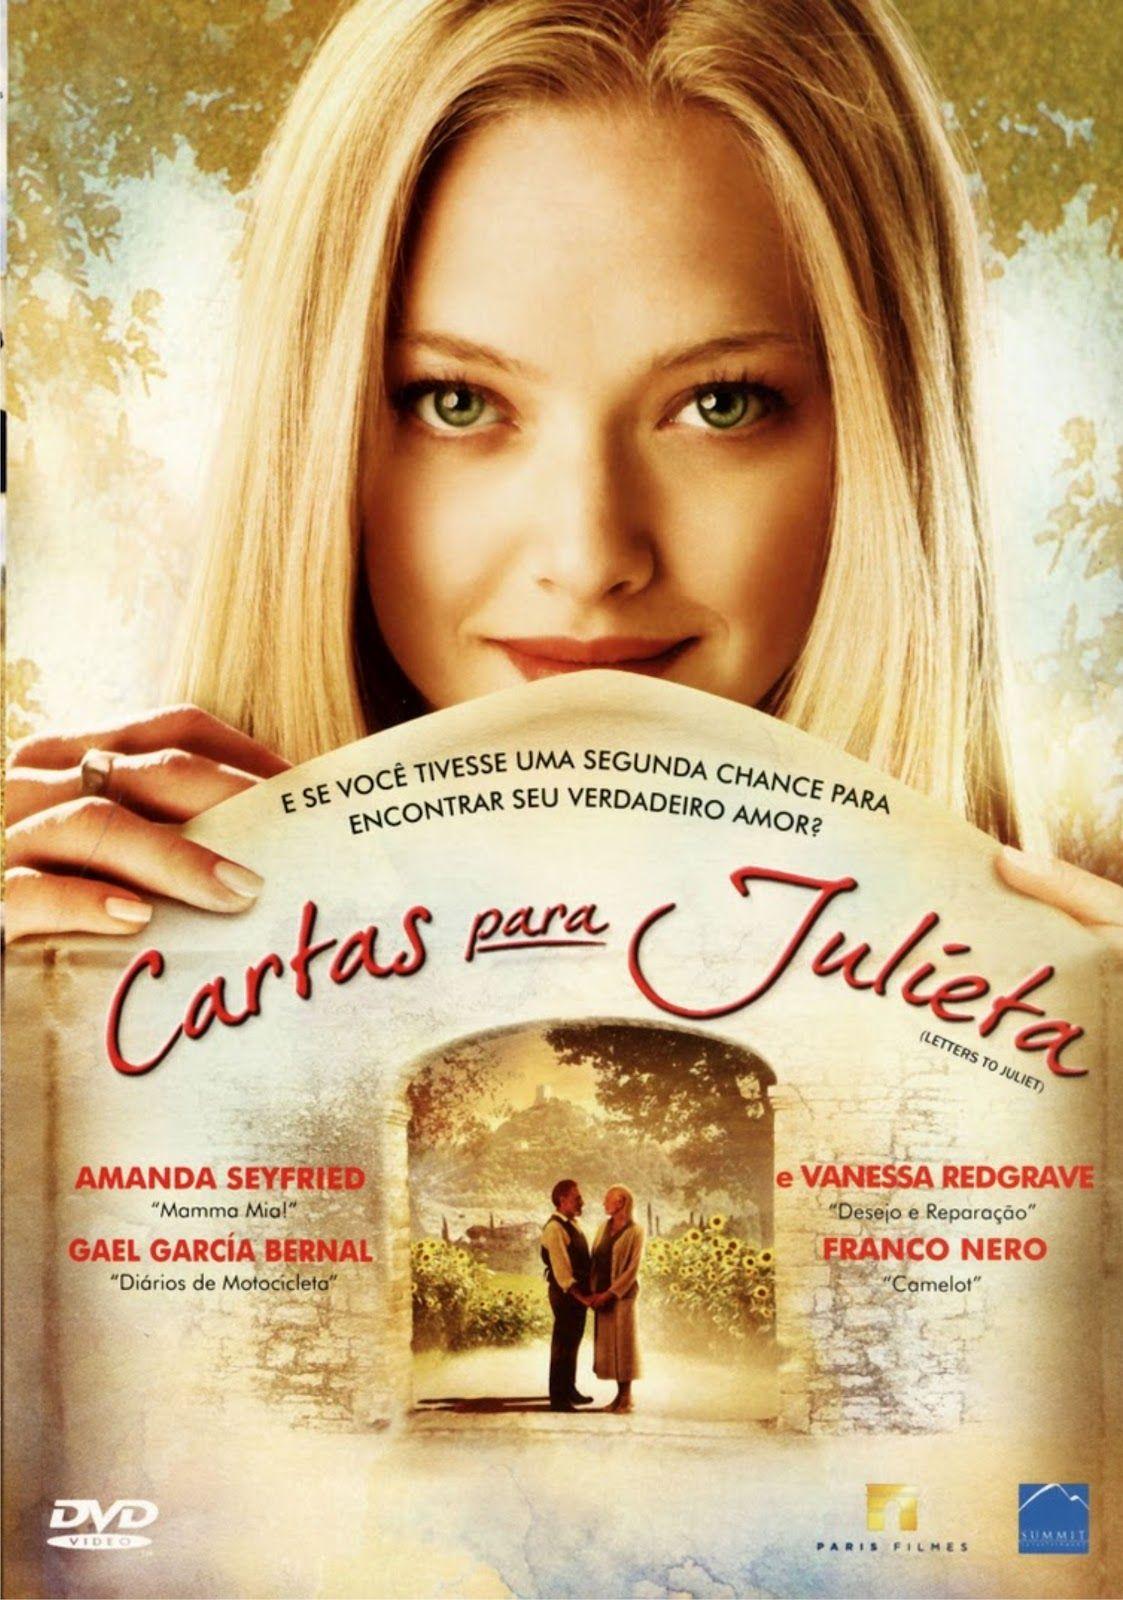 Cartaz do filme Cartas para Julieta